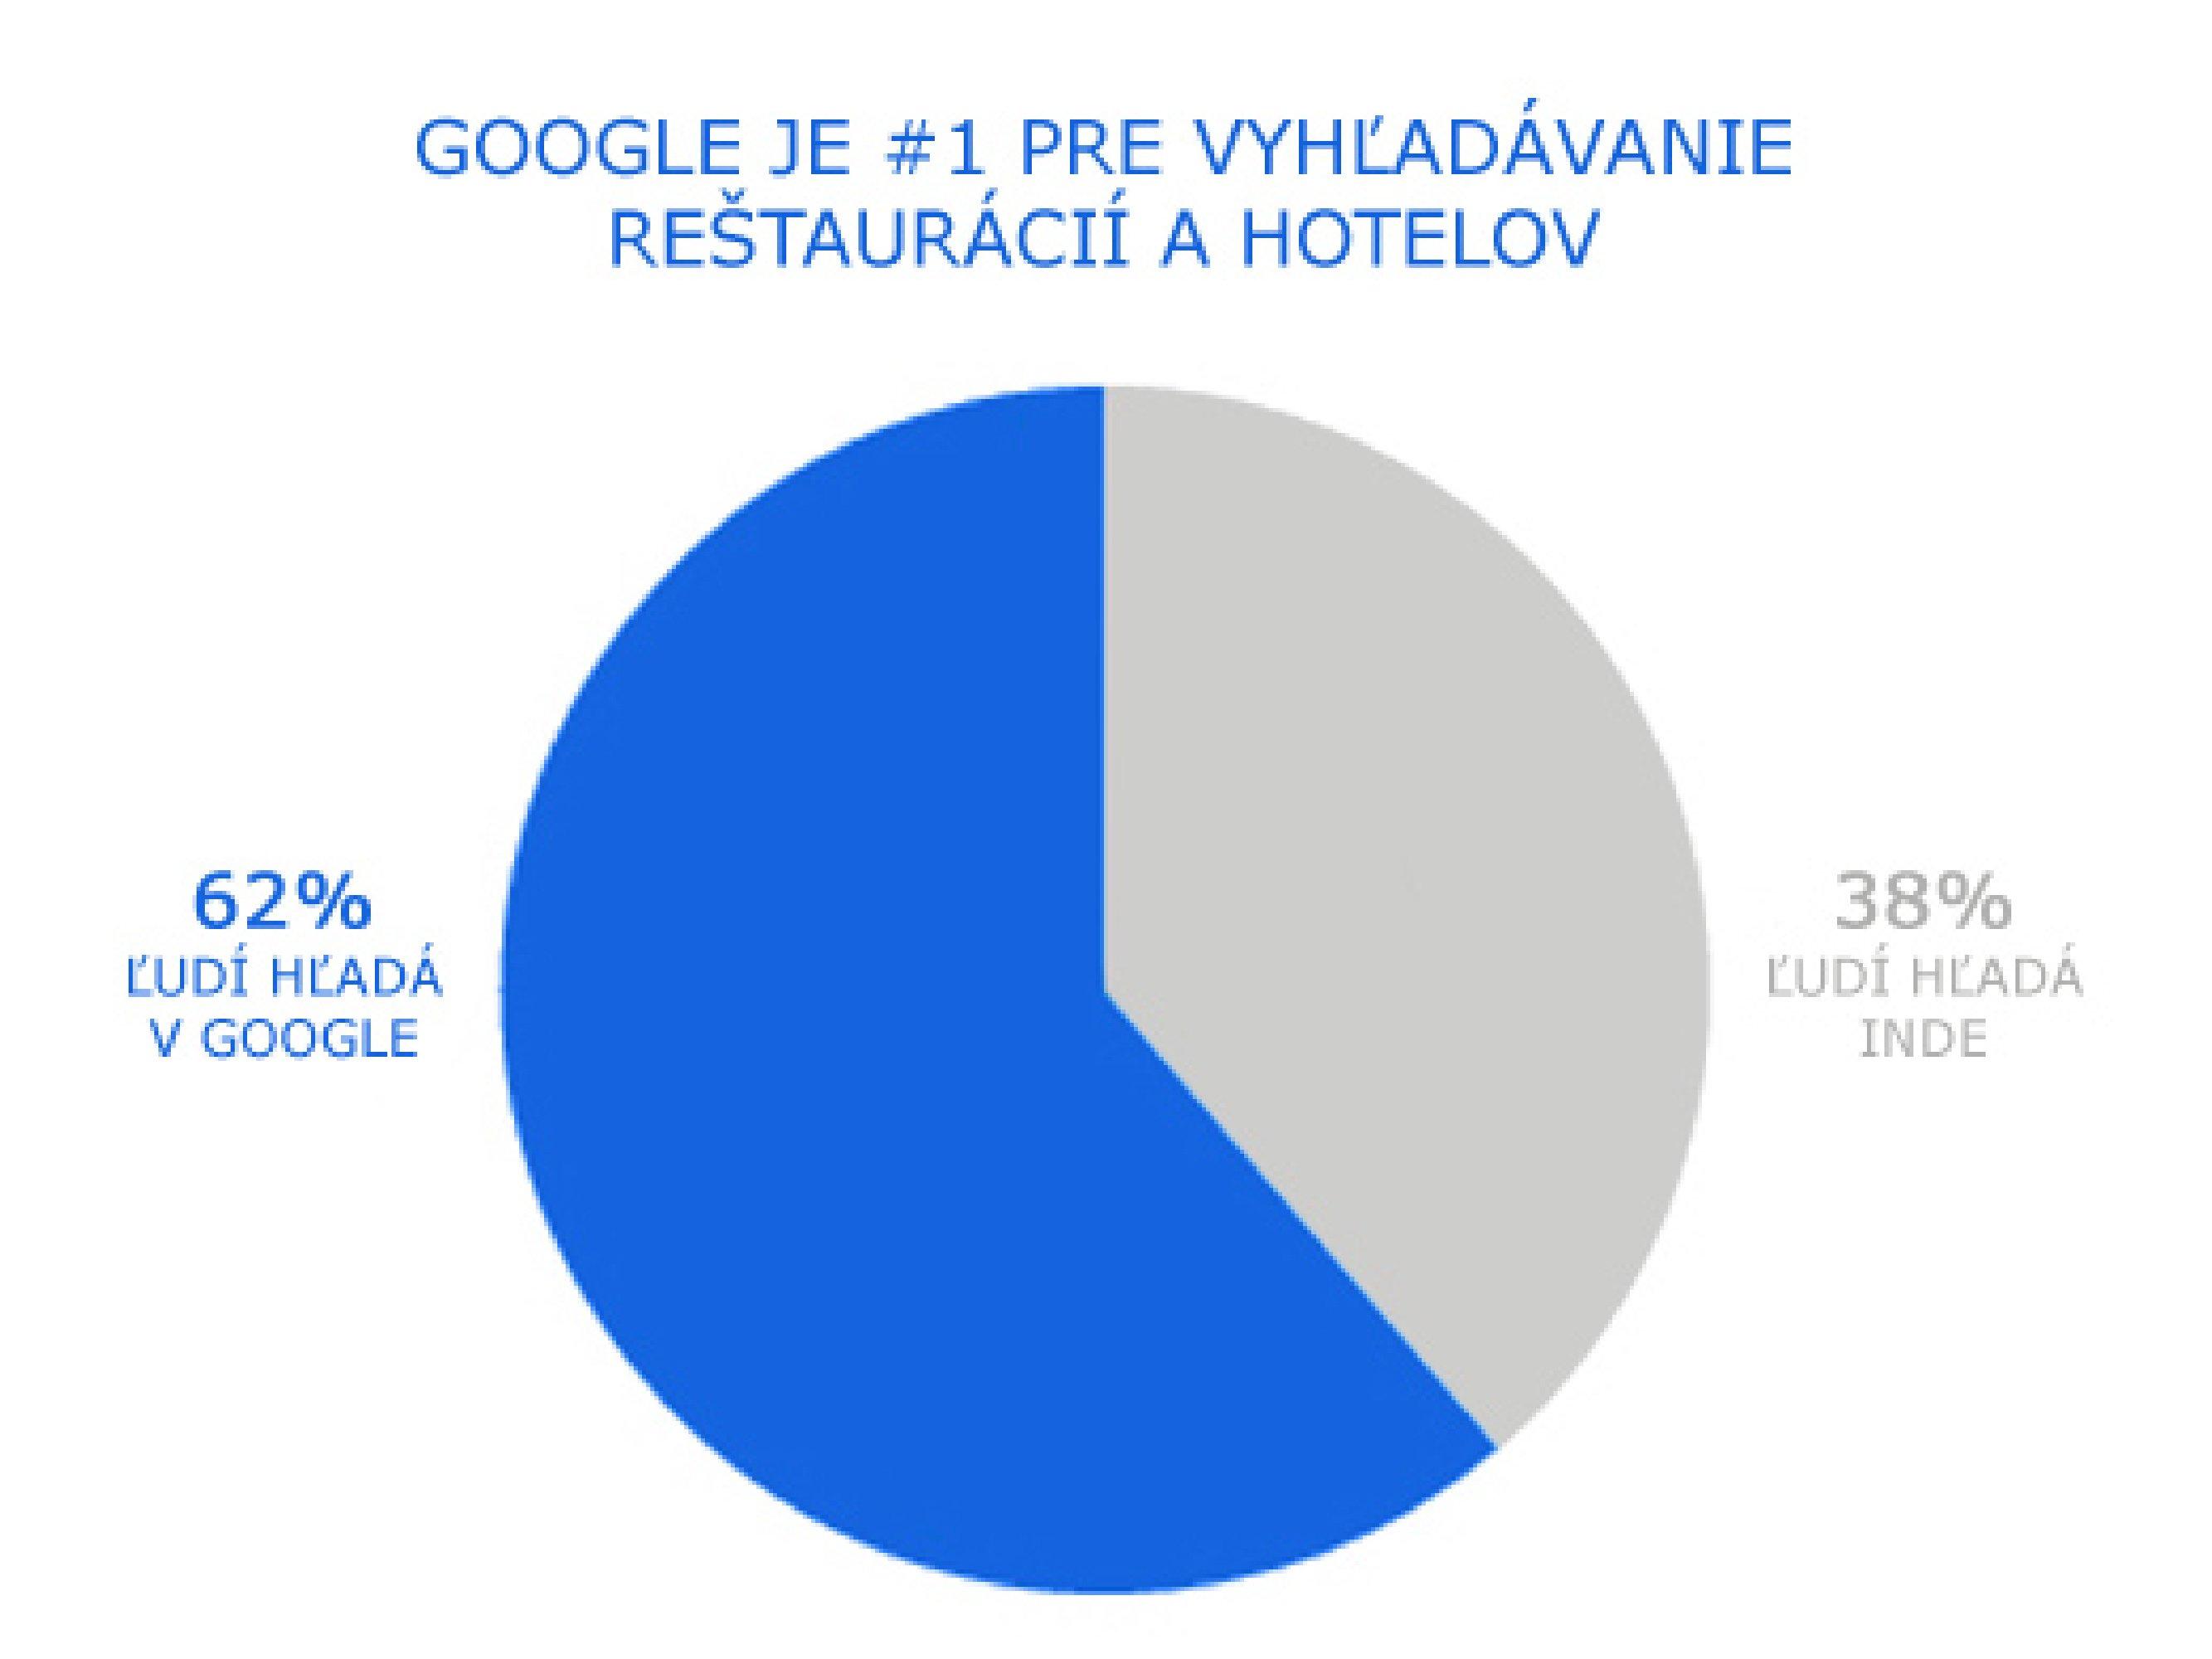 Graf vyhľadávania v Google